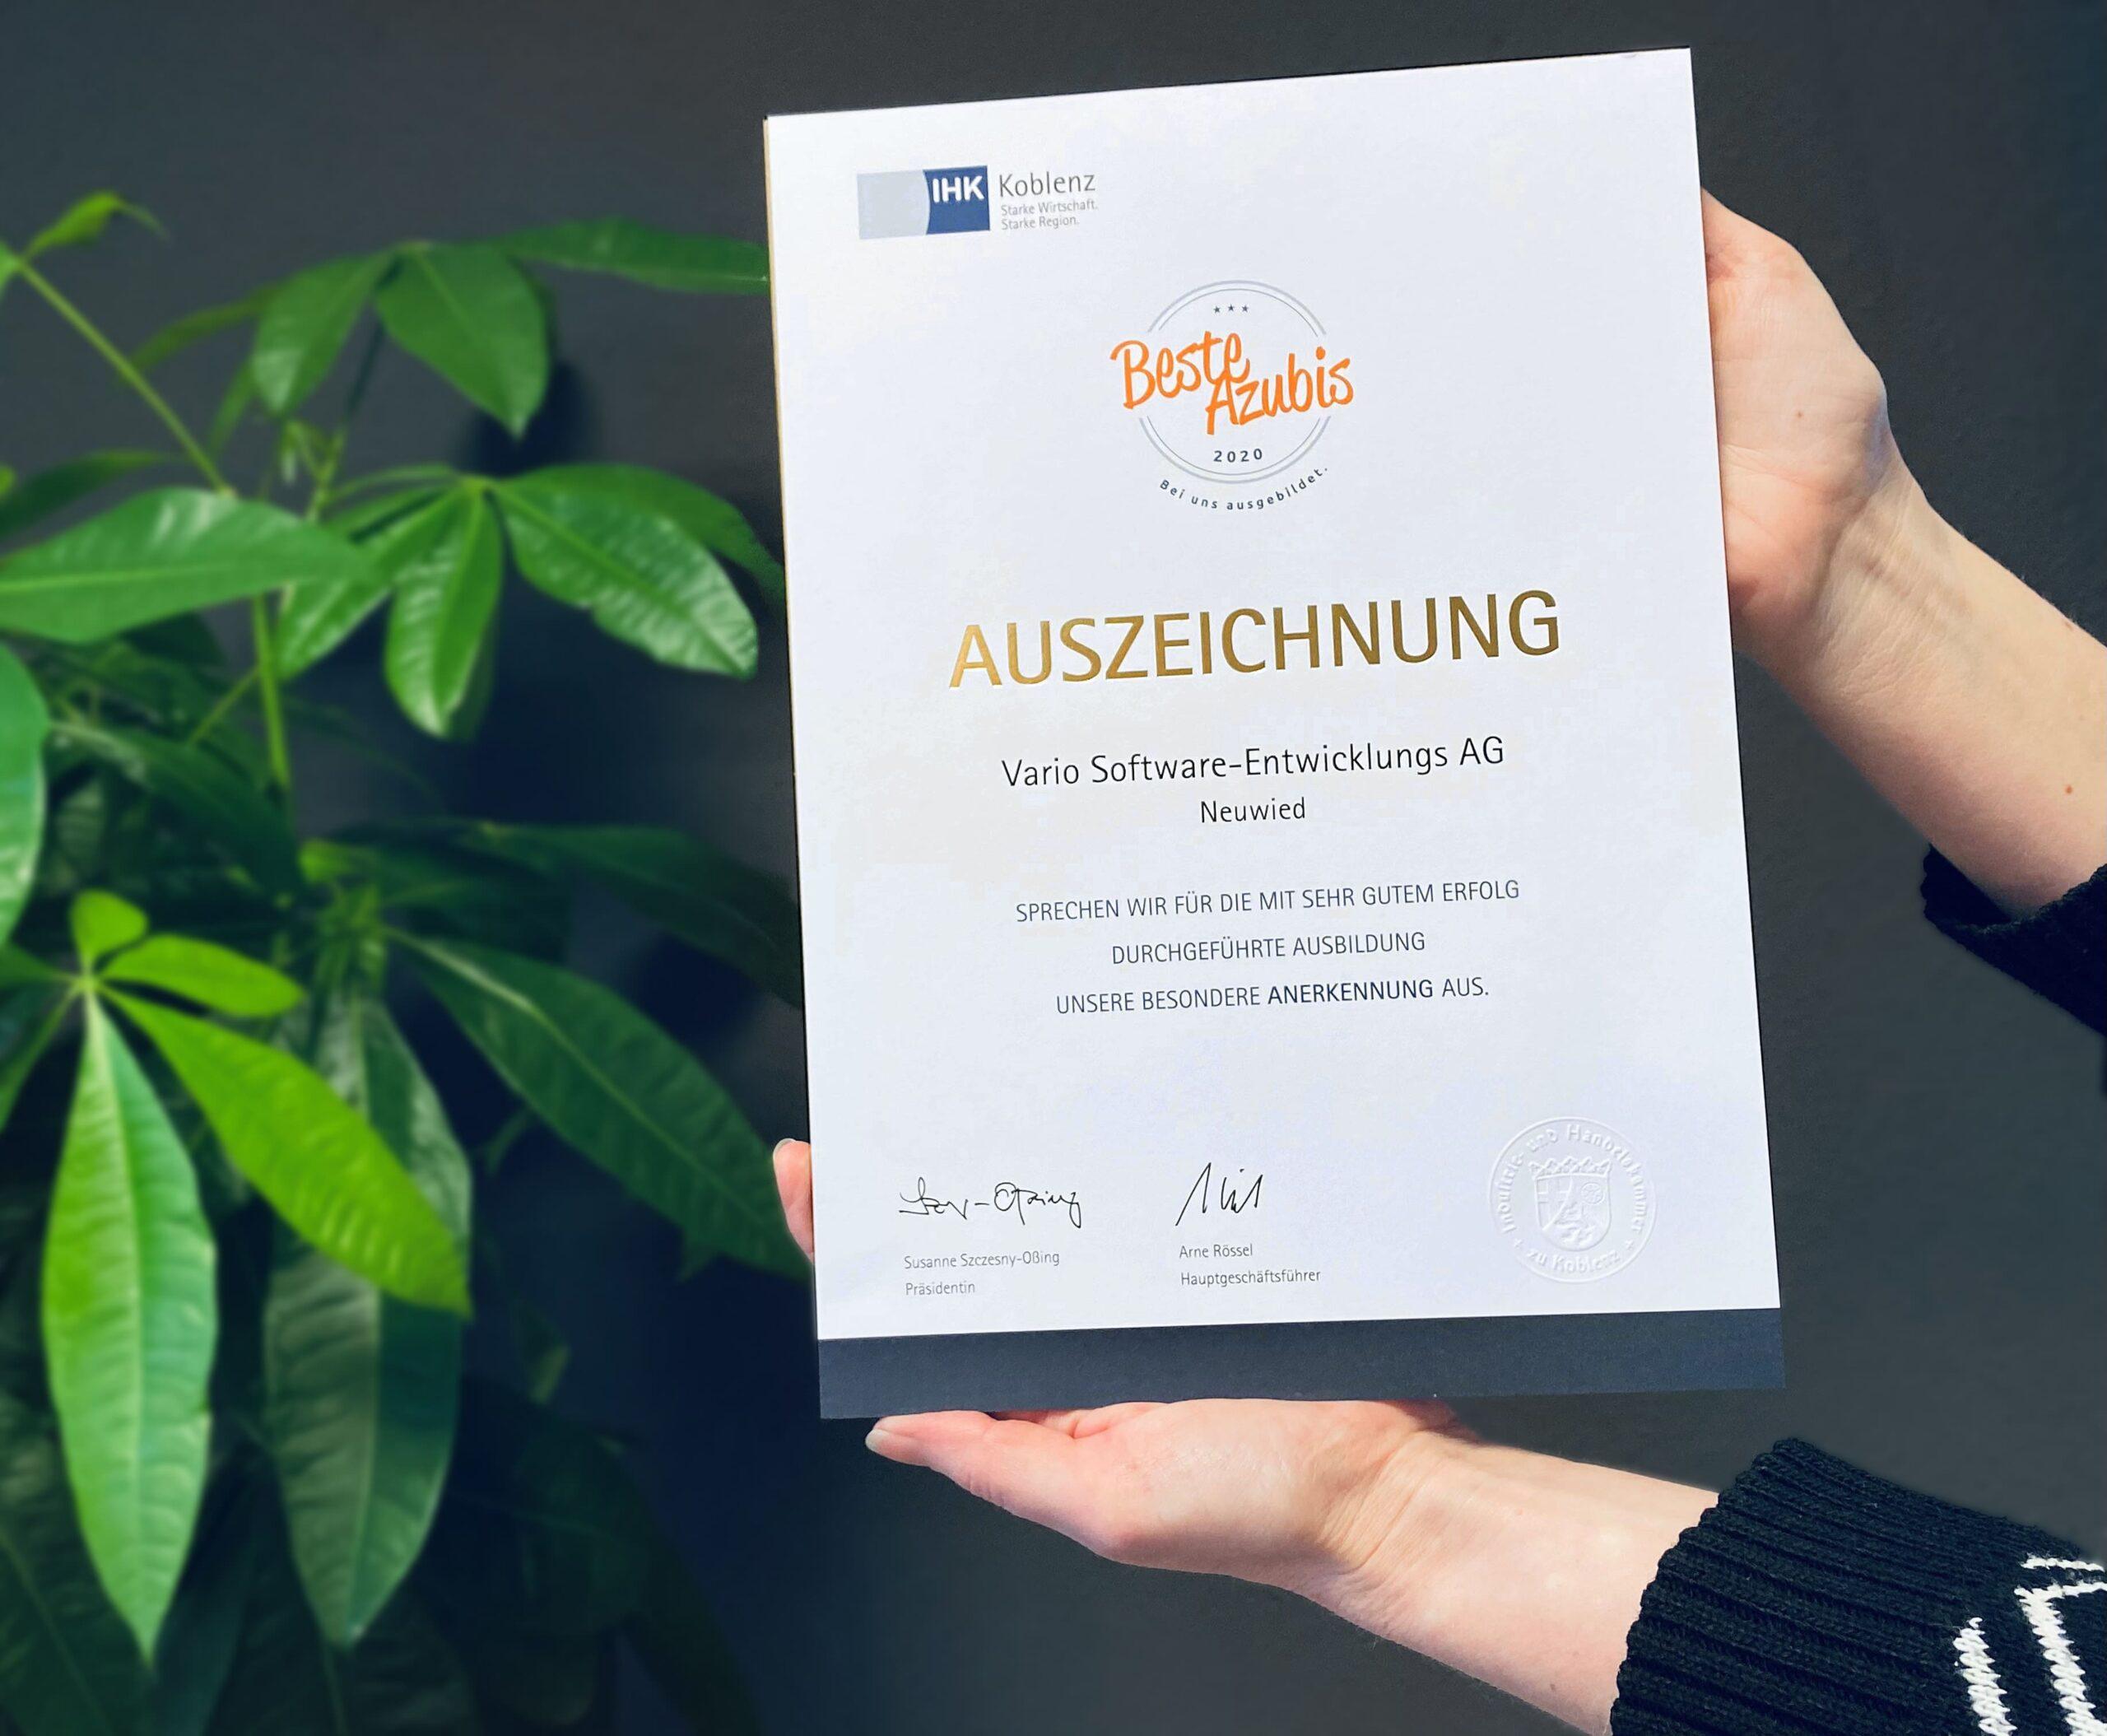 Auszeichnung Beste Azubis 2020